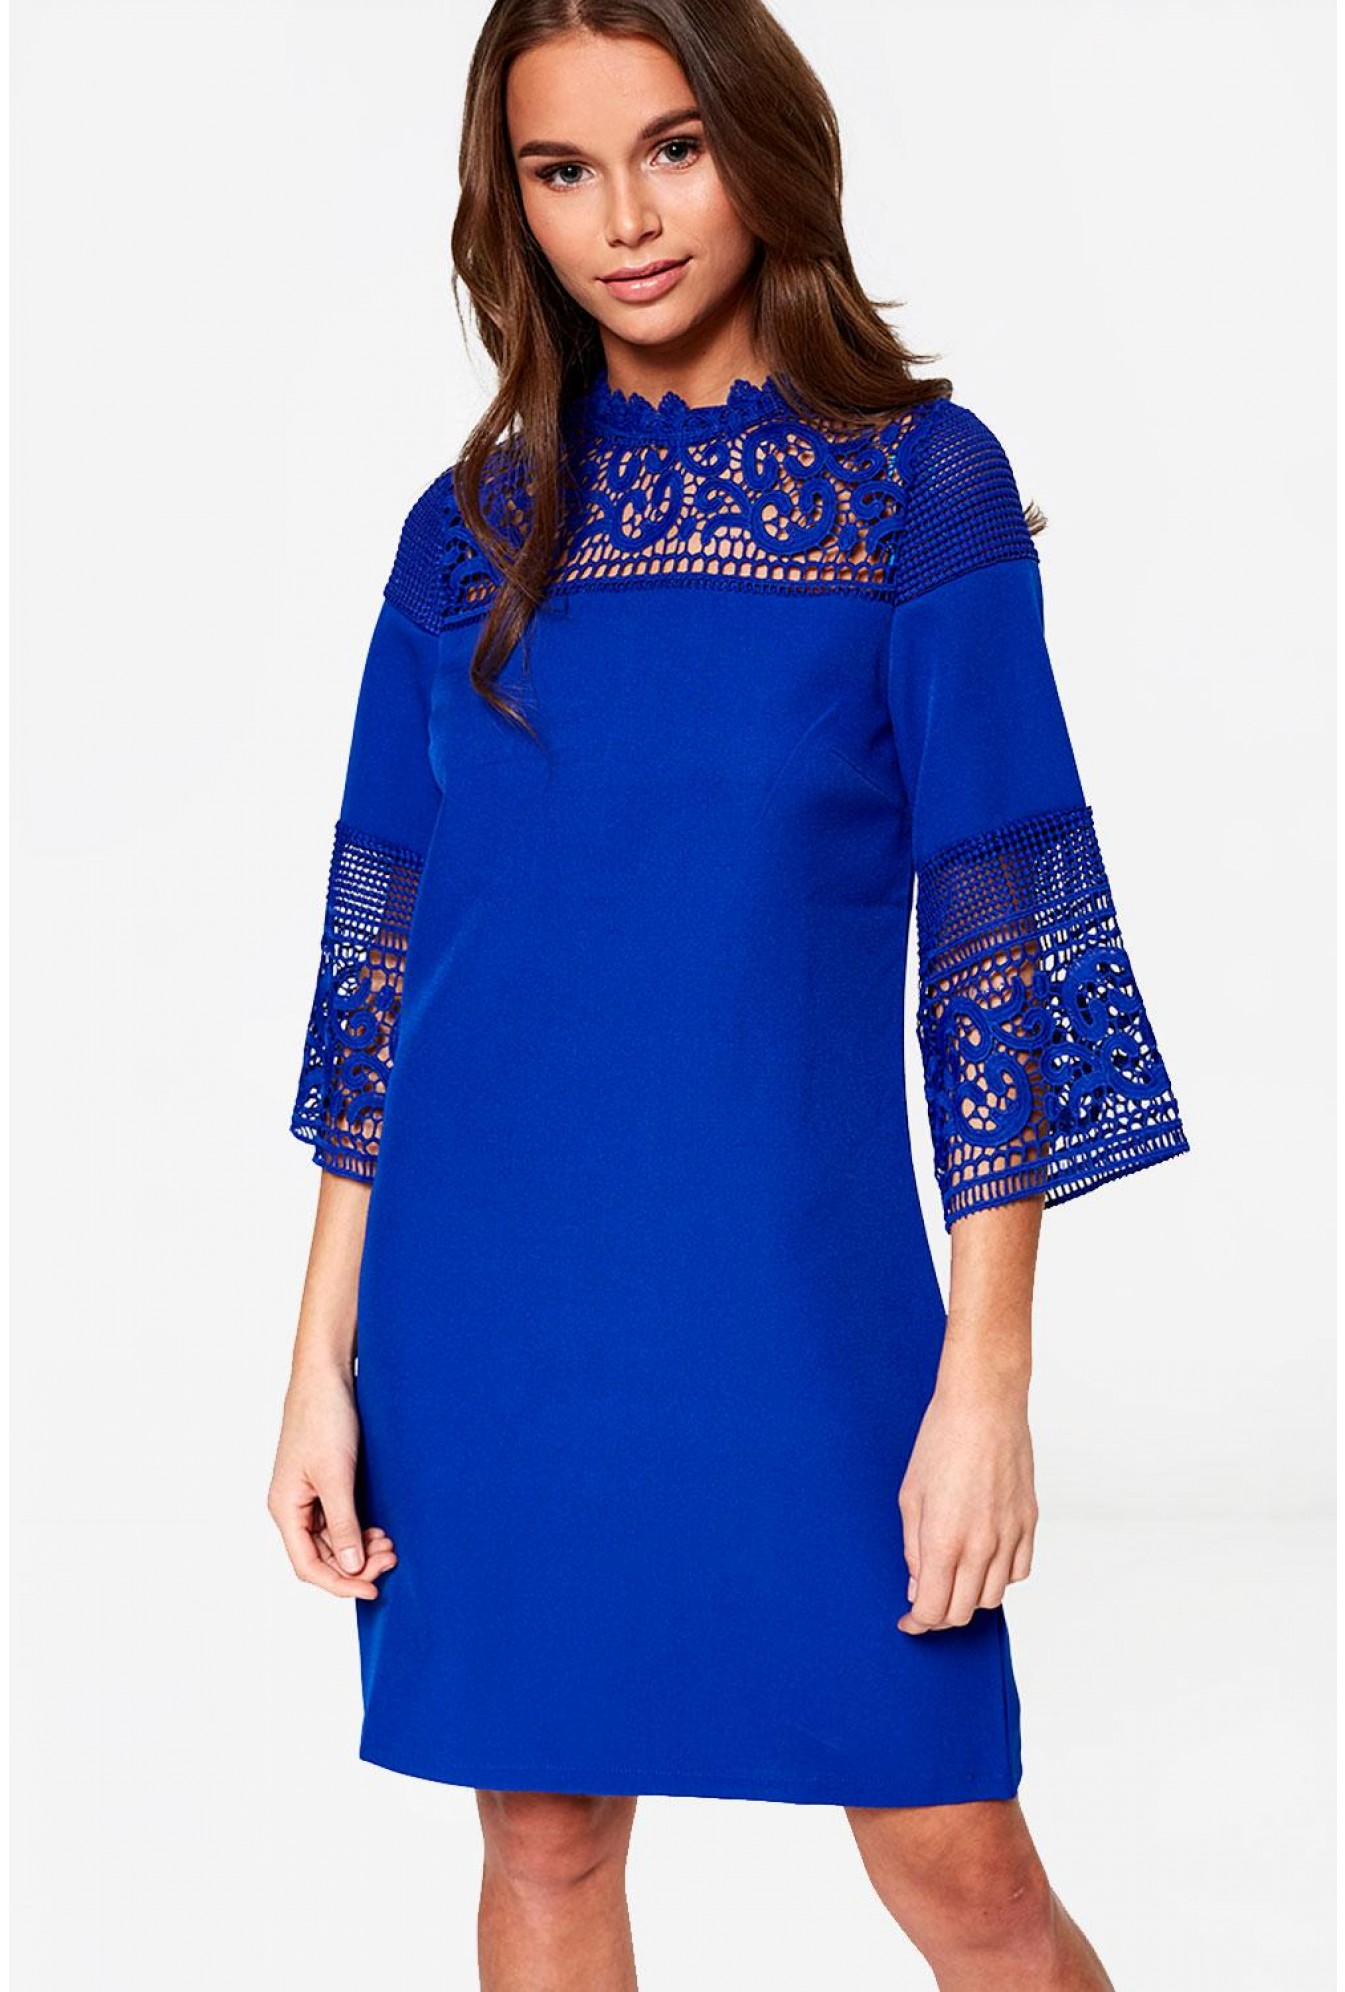 dd7ee5ee700 Marc Angelo Joyce 3 4 Sleeve Lace Dress in Royal Blue